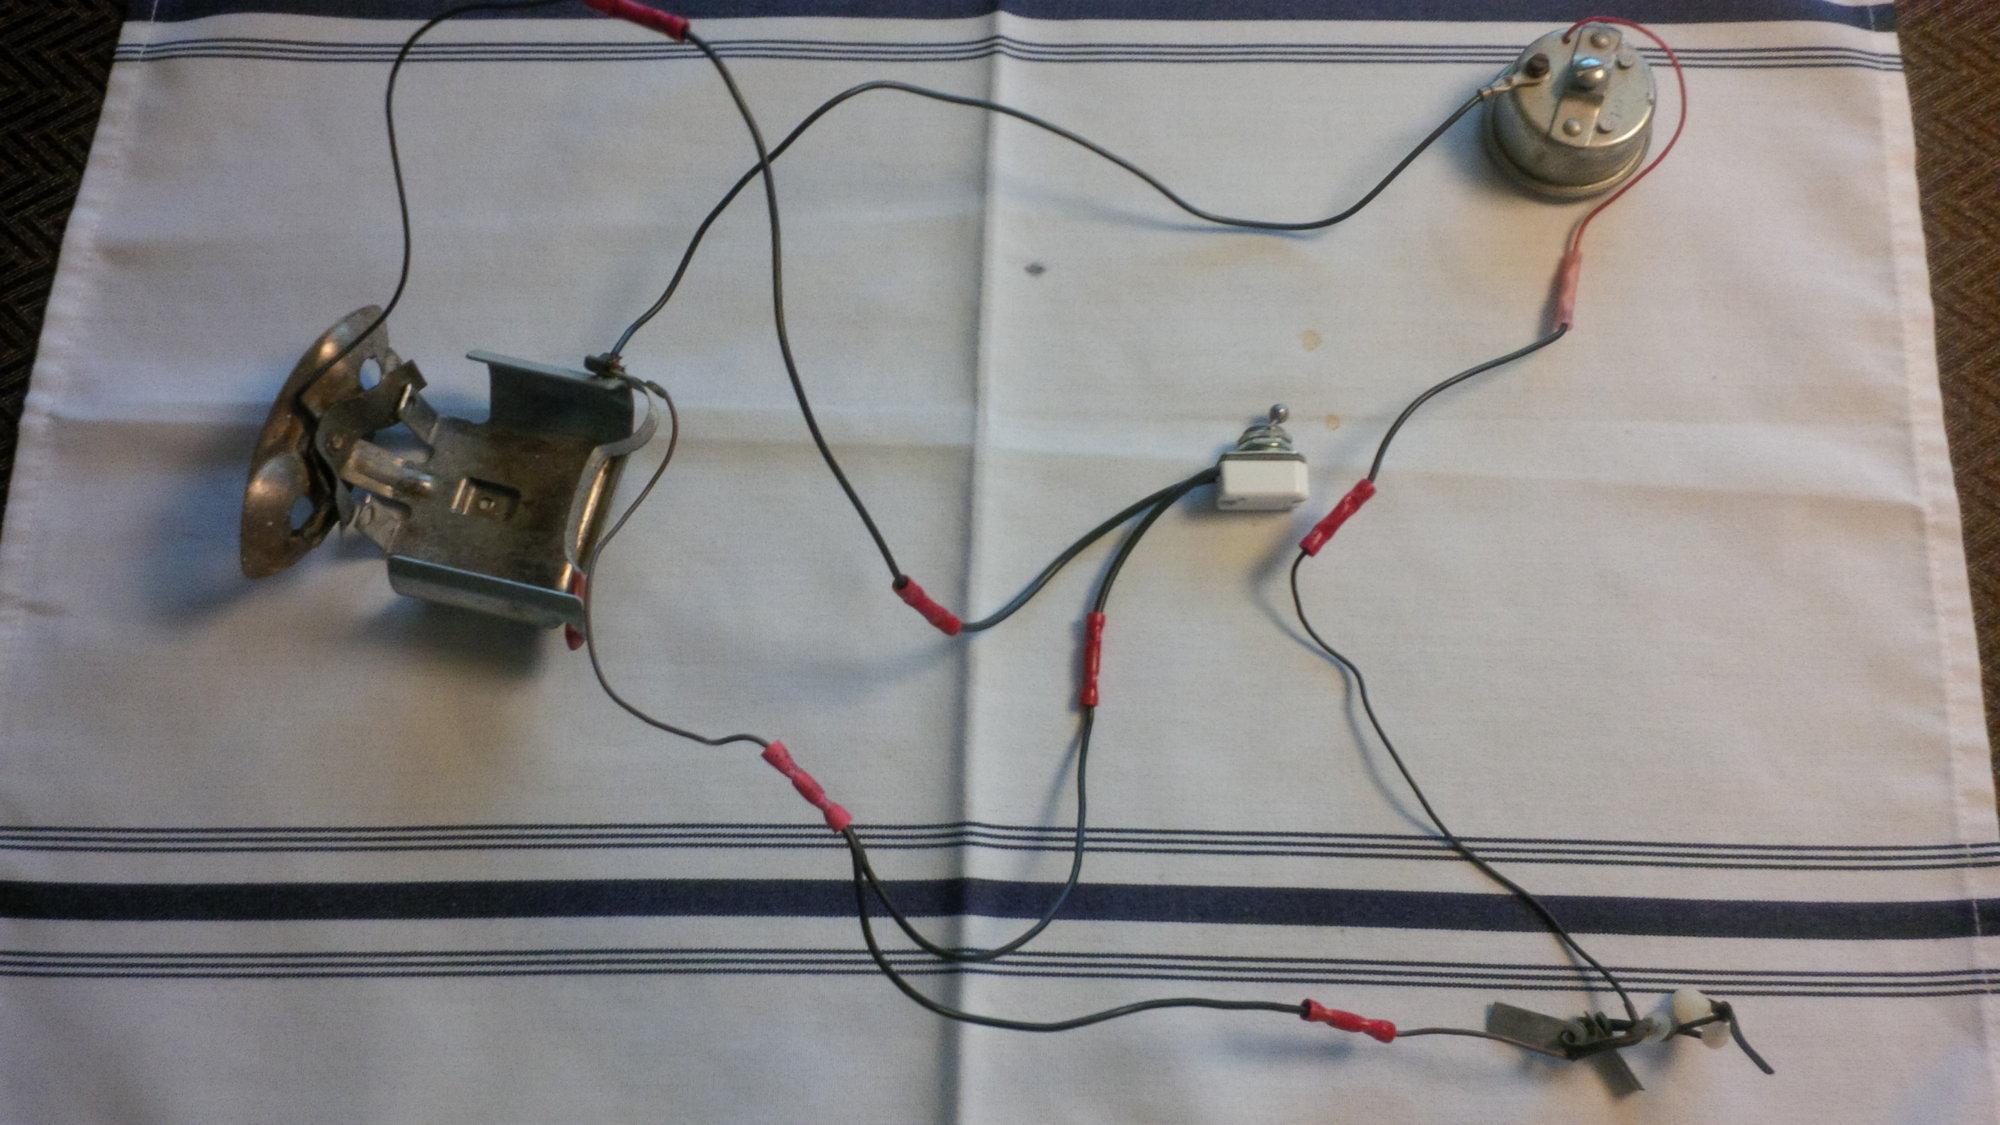 Spaceliner Wiring.jpg